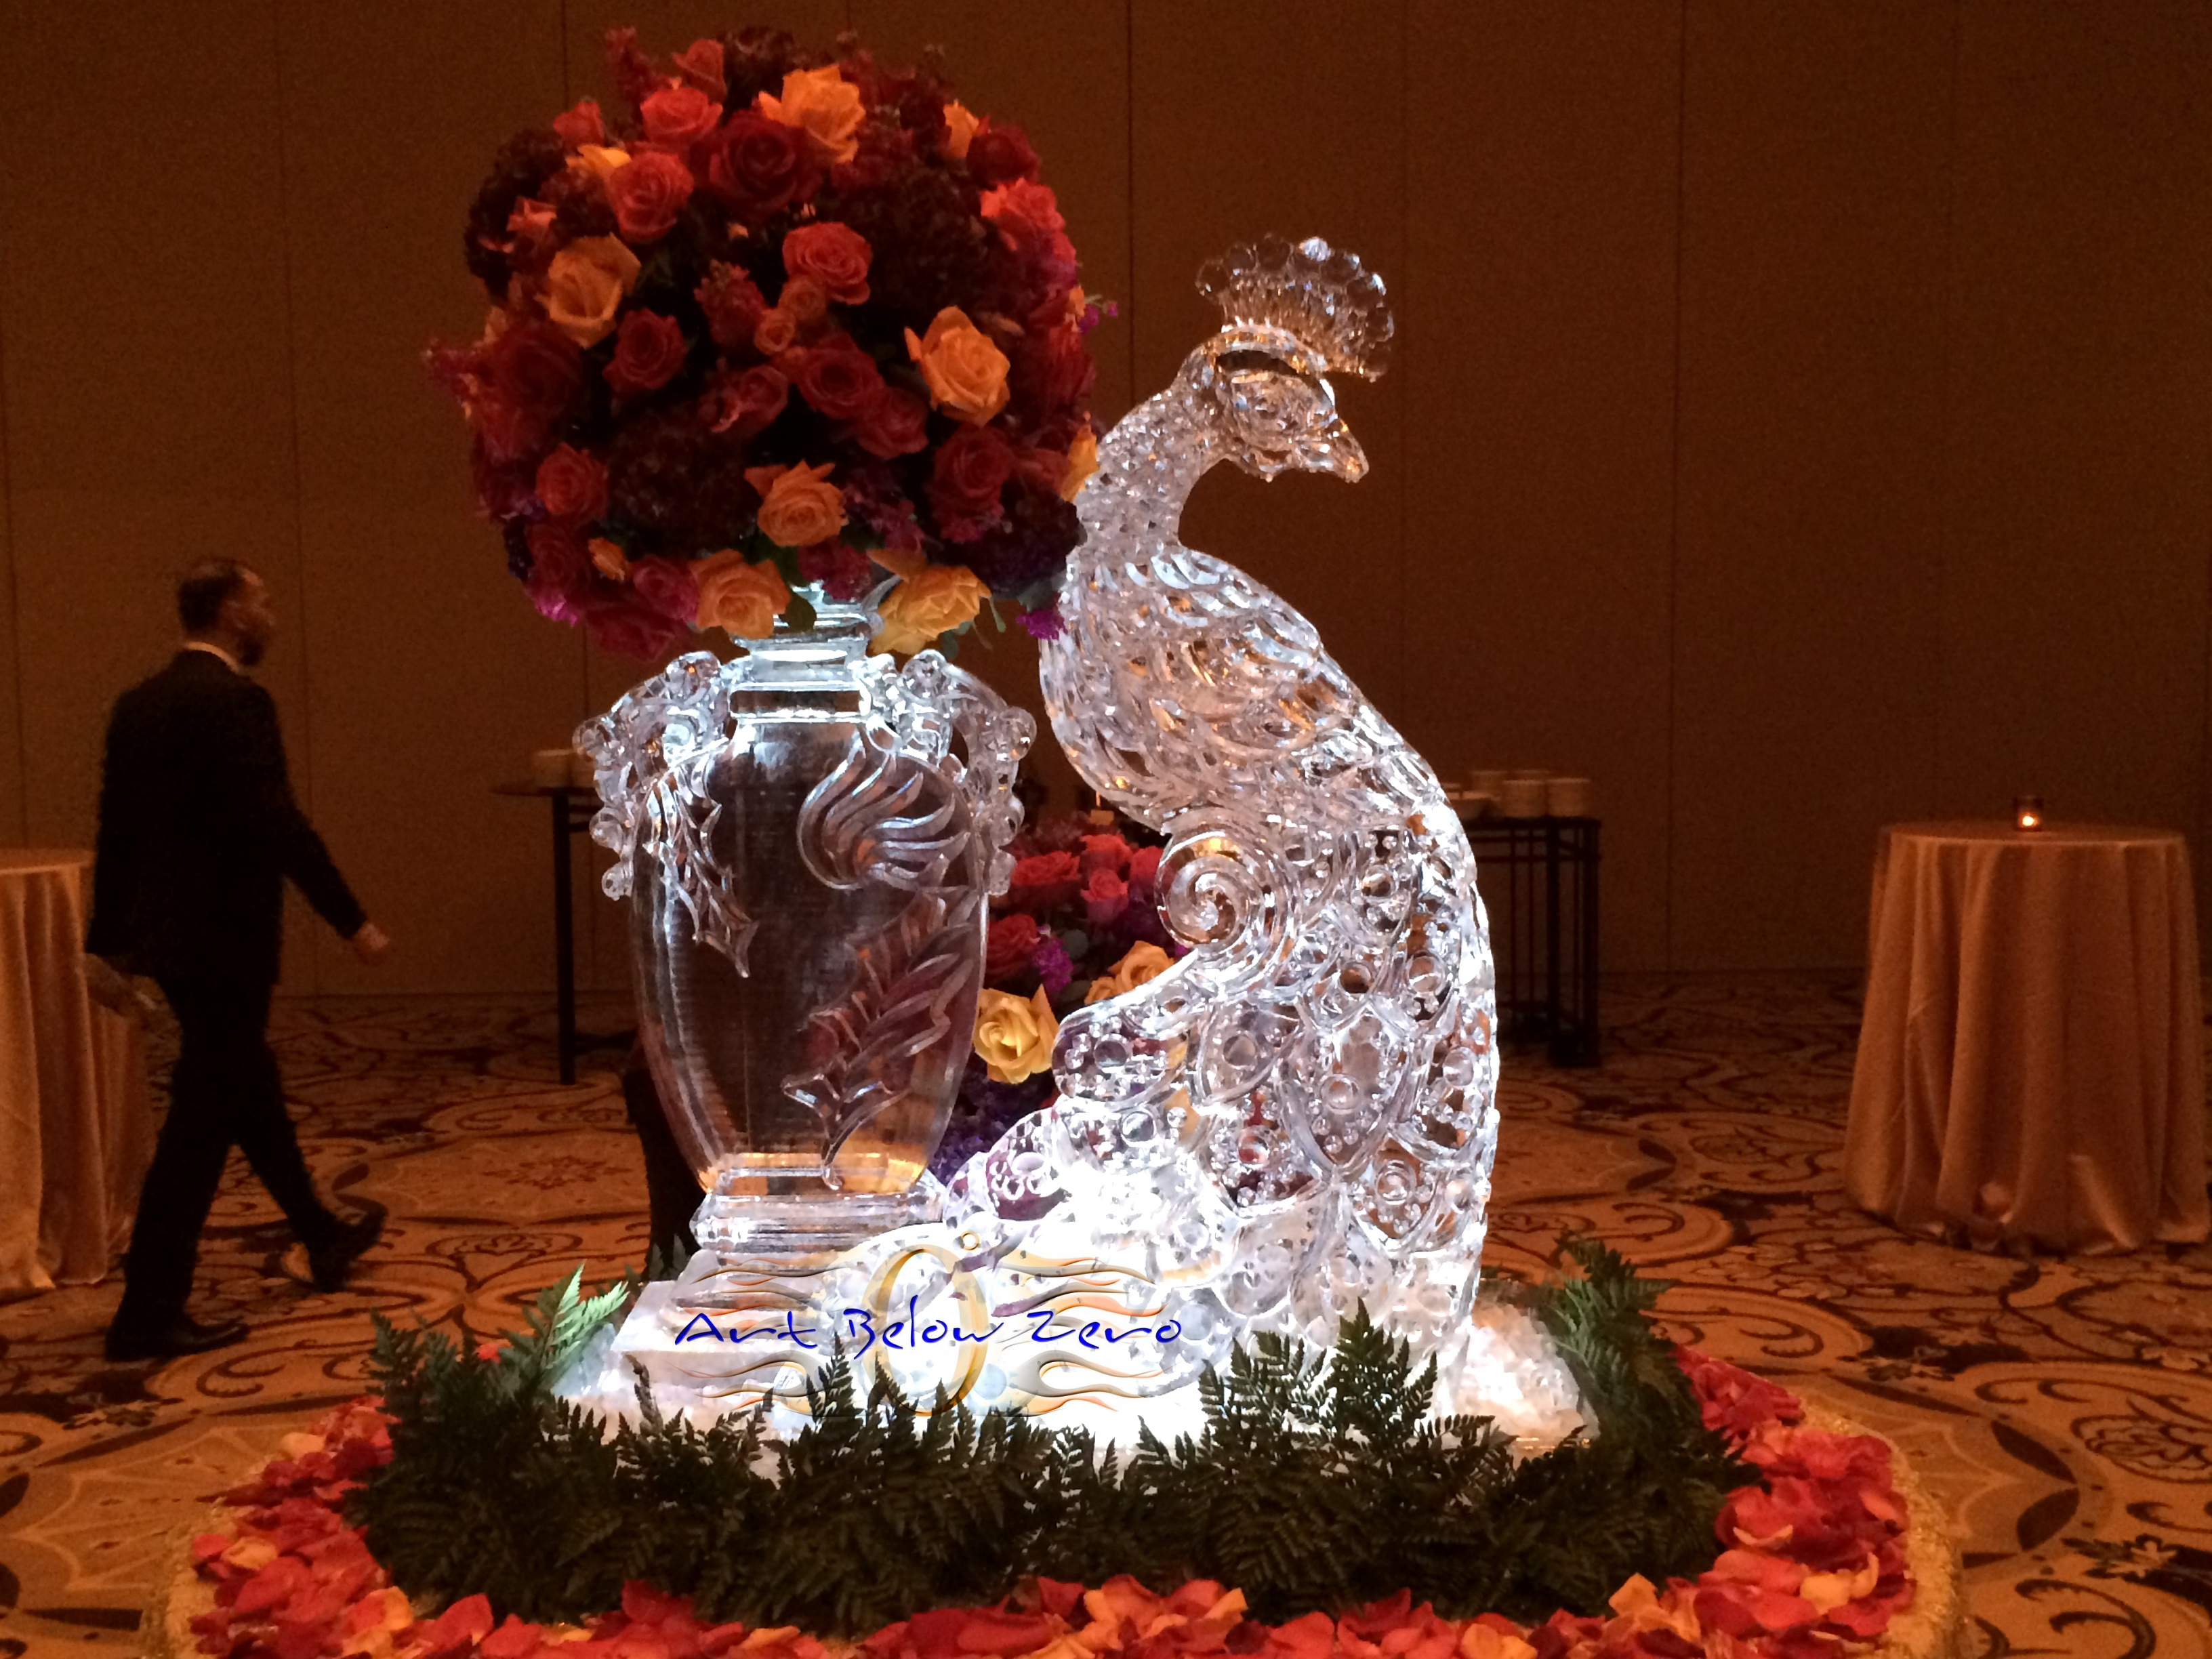 Art Below Zero Ice Sculptures Wedding Ice Sculptures